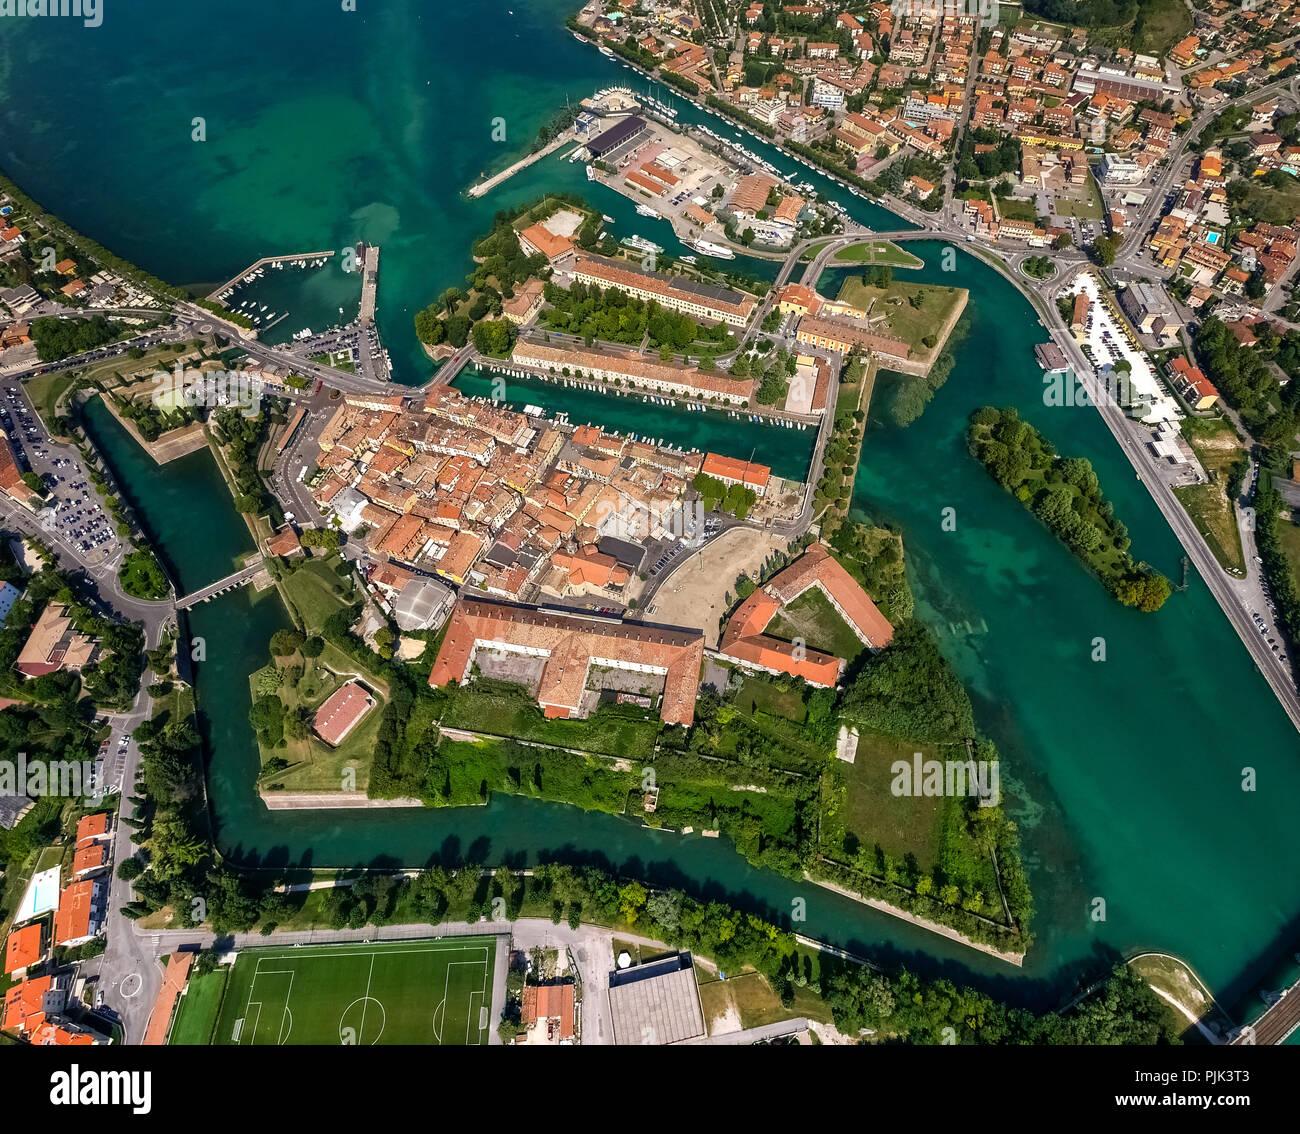 Aerial view, Comune di Peschiera del Garda on the river Mincio, Fortificazioni, fortifications, Lake Garda, Lago di Garda, Northern Italy, Veneto, Italy - Stock Image